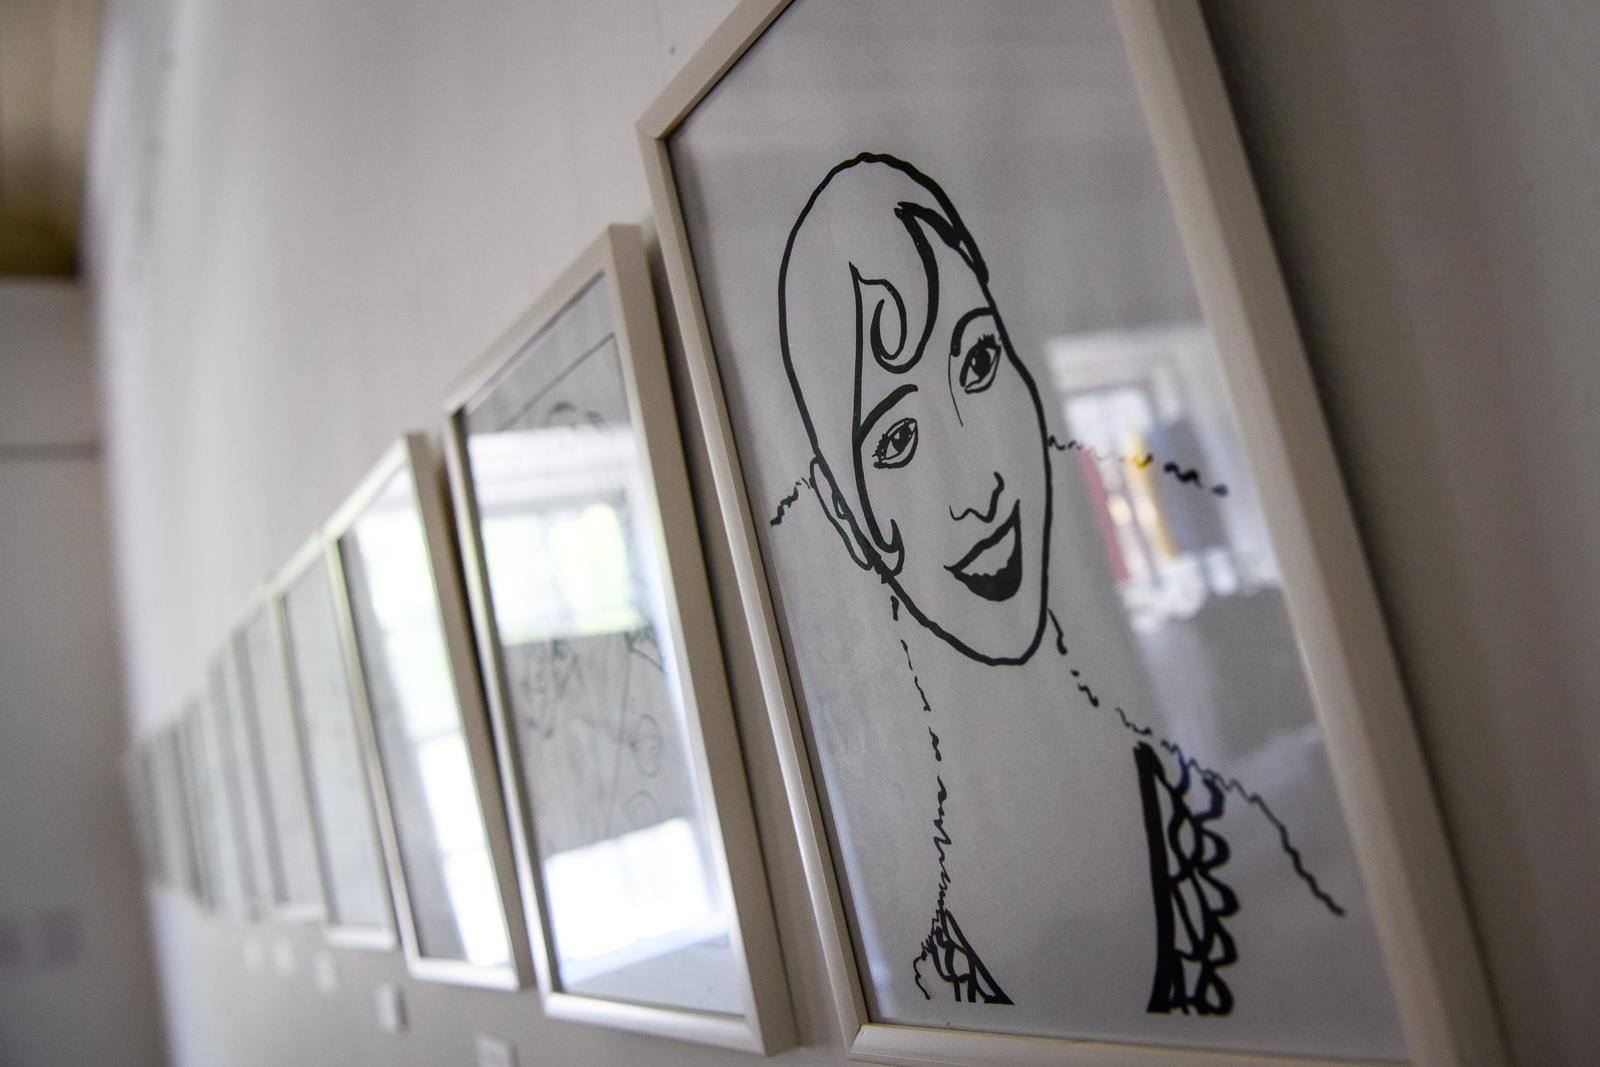 Vanda rodrigues olha para a exposição Histórias no feminino na sementeira